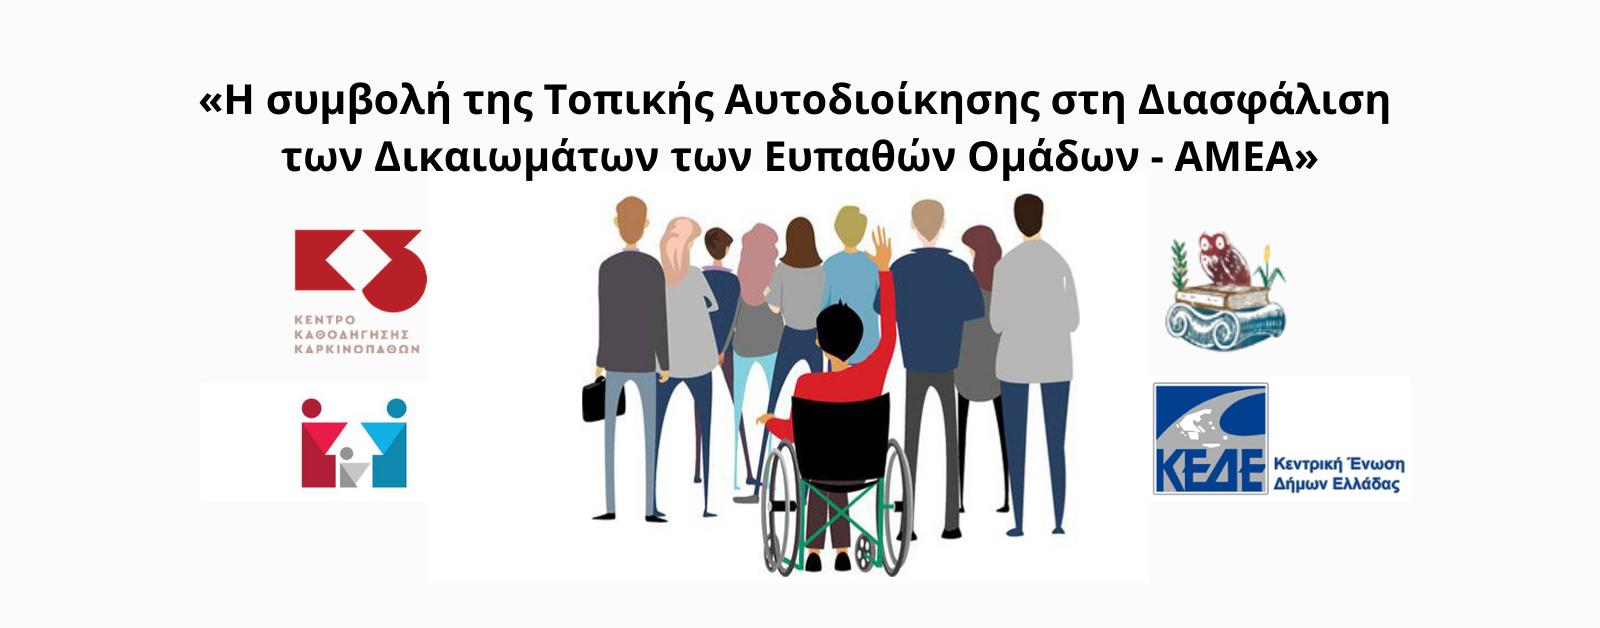 Δικαιώματα: Η Τοπική Αυτοδιοίκηση στη Διασφάλιση των Δικαιωμάτων των Ευπαθών Ομάδων [vid]